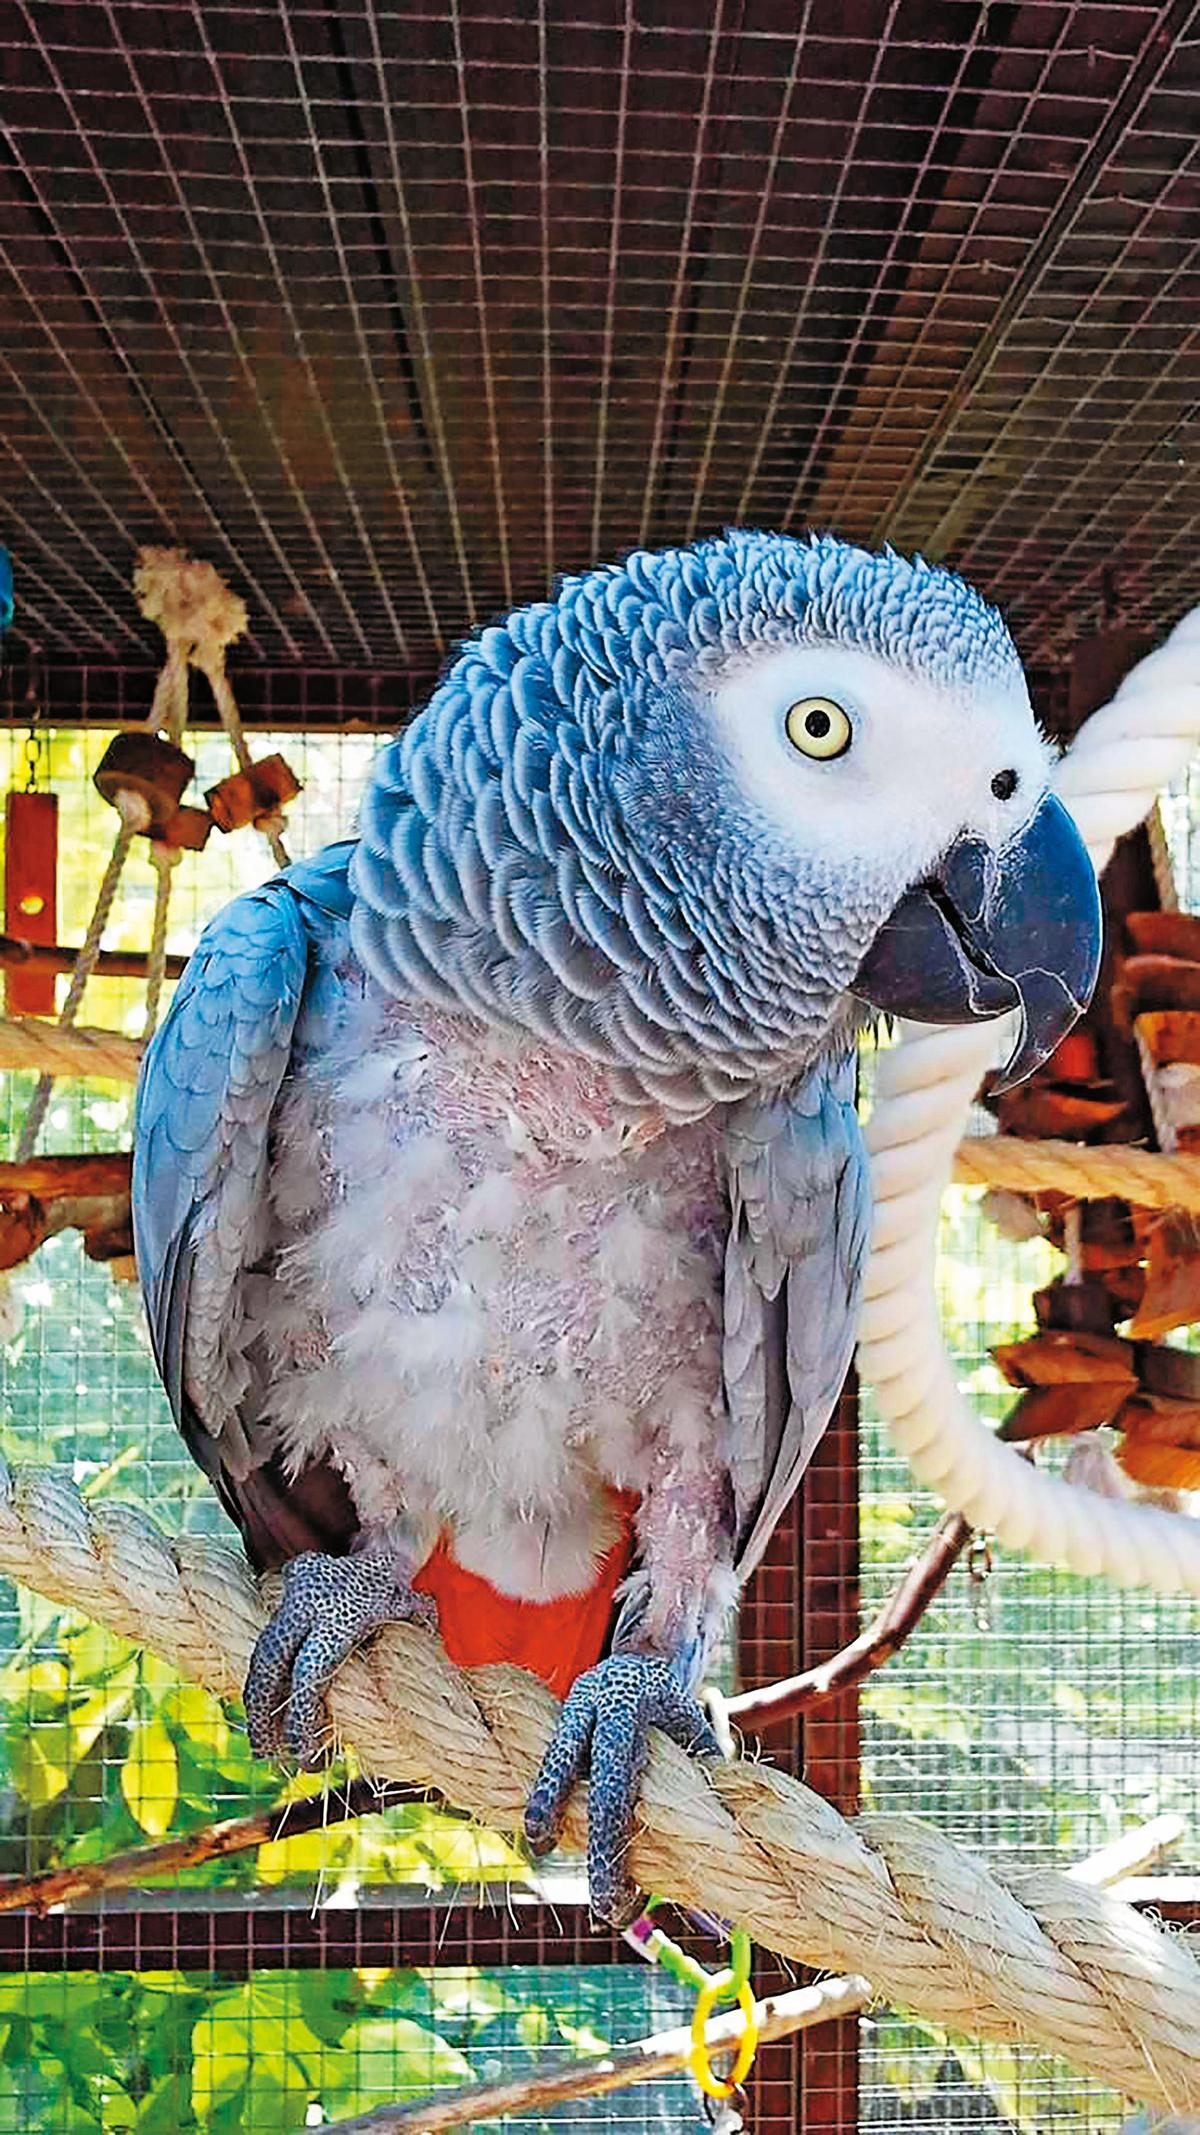 去年8月,榮儲發行報關行人員走私2箱從非洲伊波拉病毒疫區進口的灰鸚鵡,海關僅開罰1.2萬元。(東方IC)